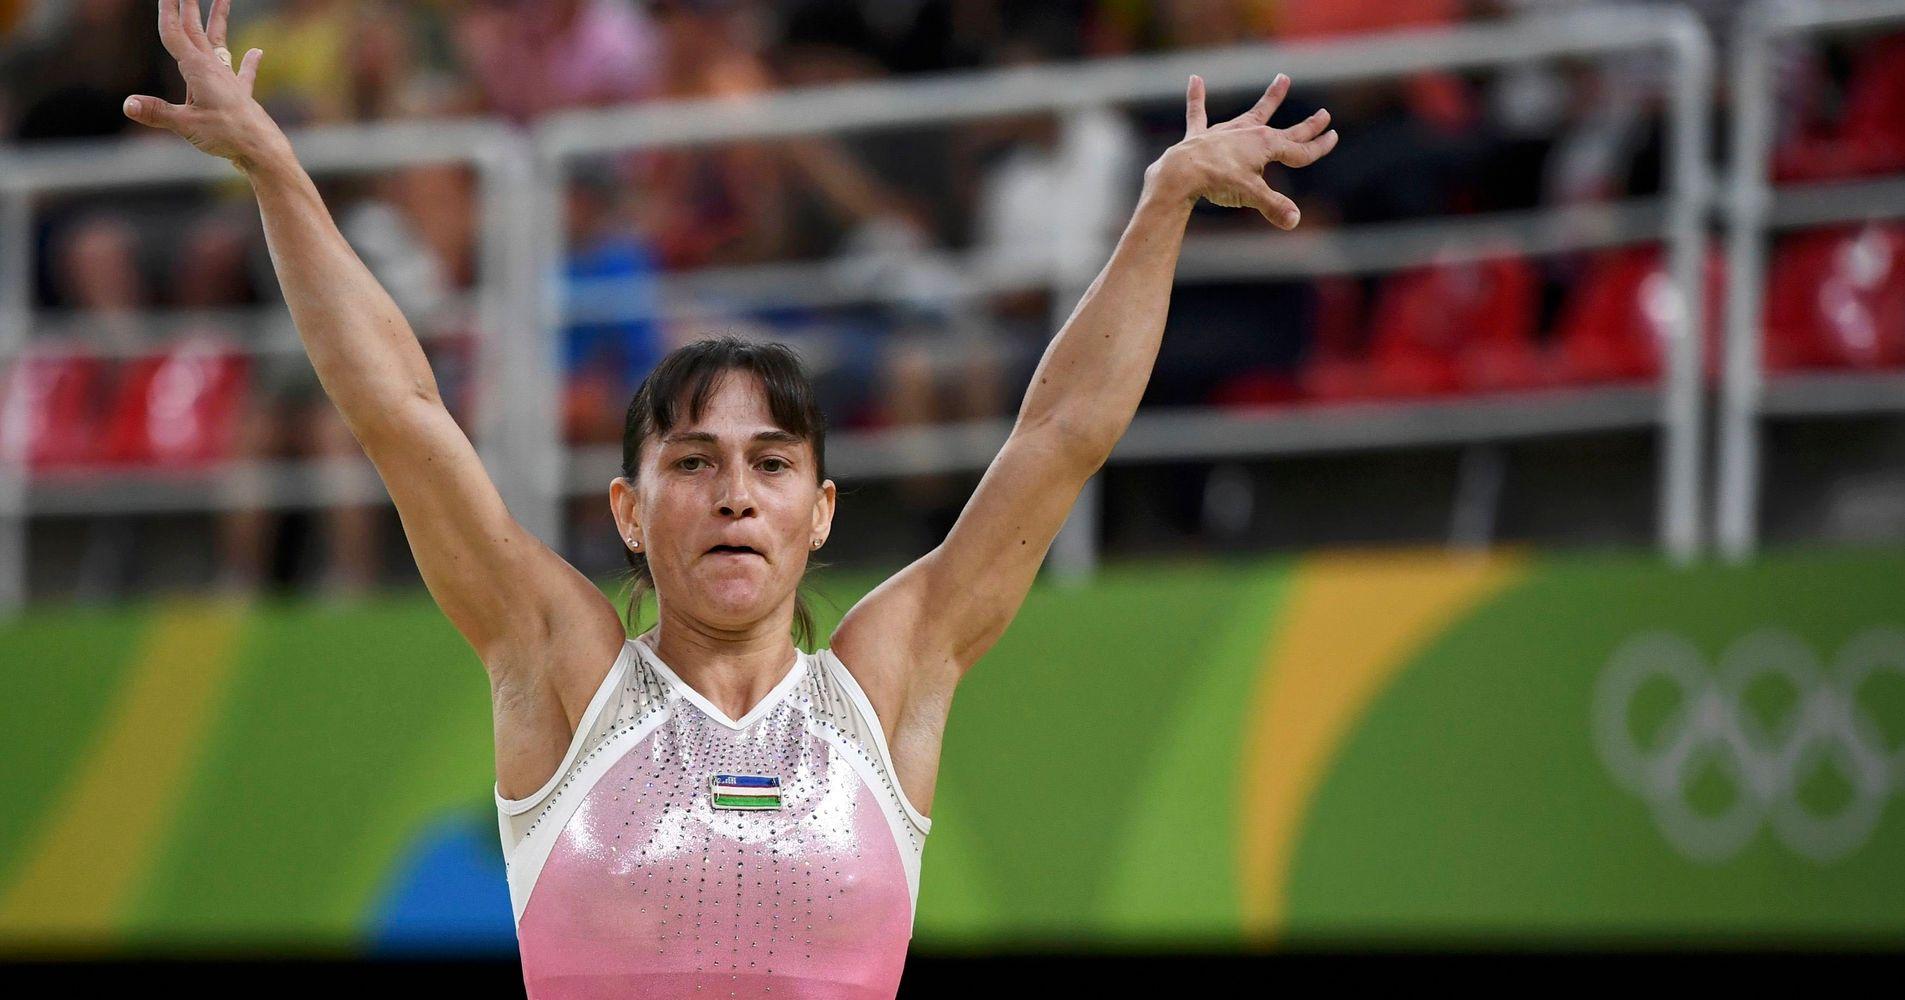 Watch 41 Year Old Gymnast Oksana Chusovitina Slay Her